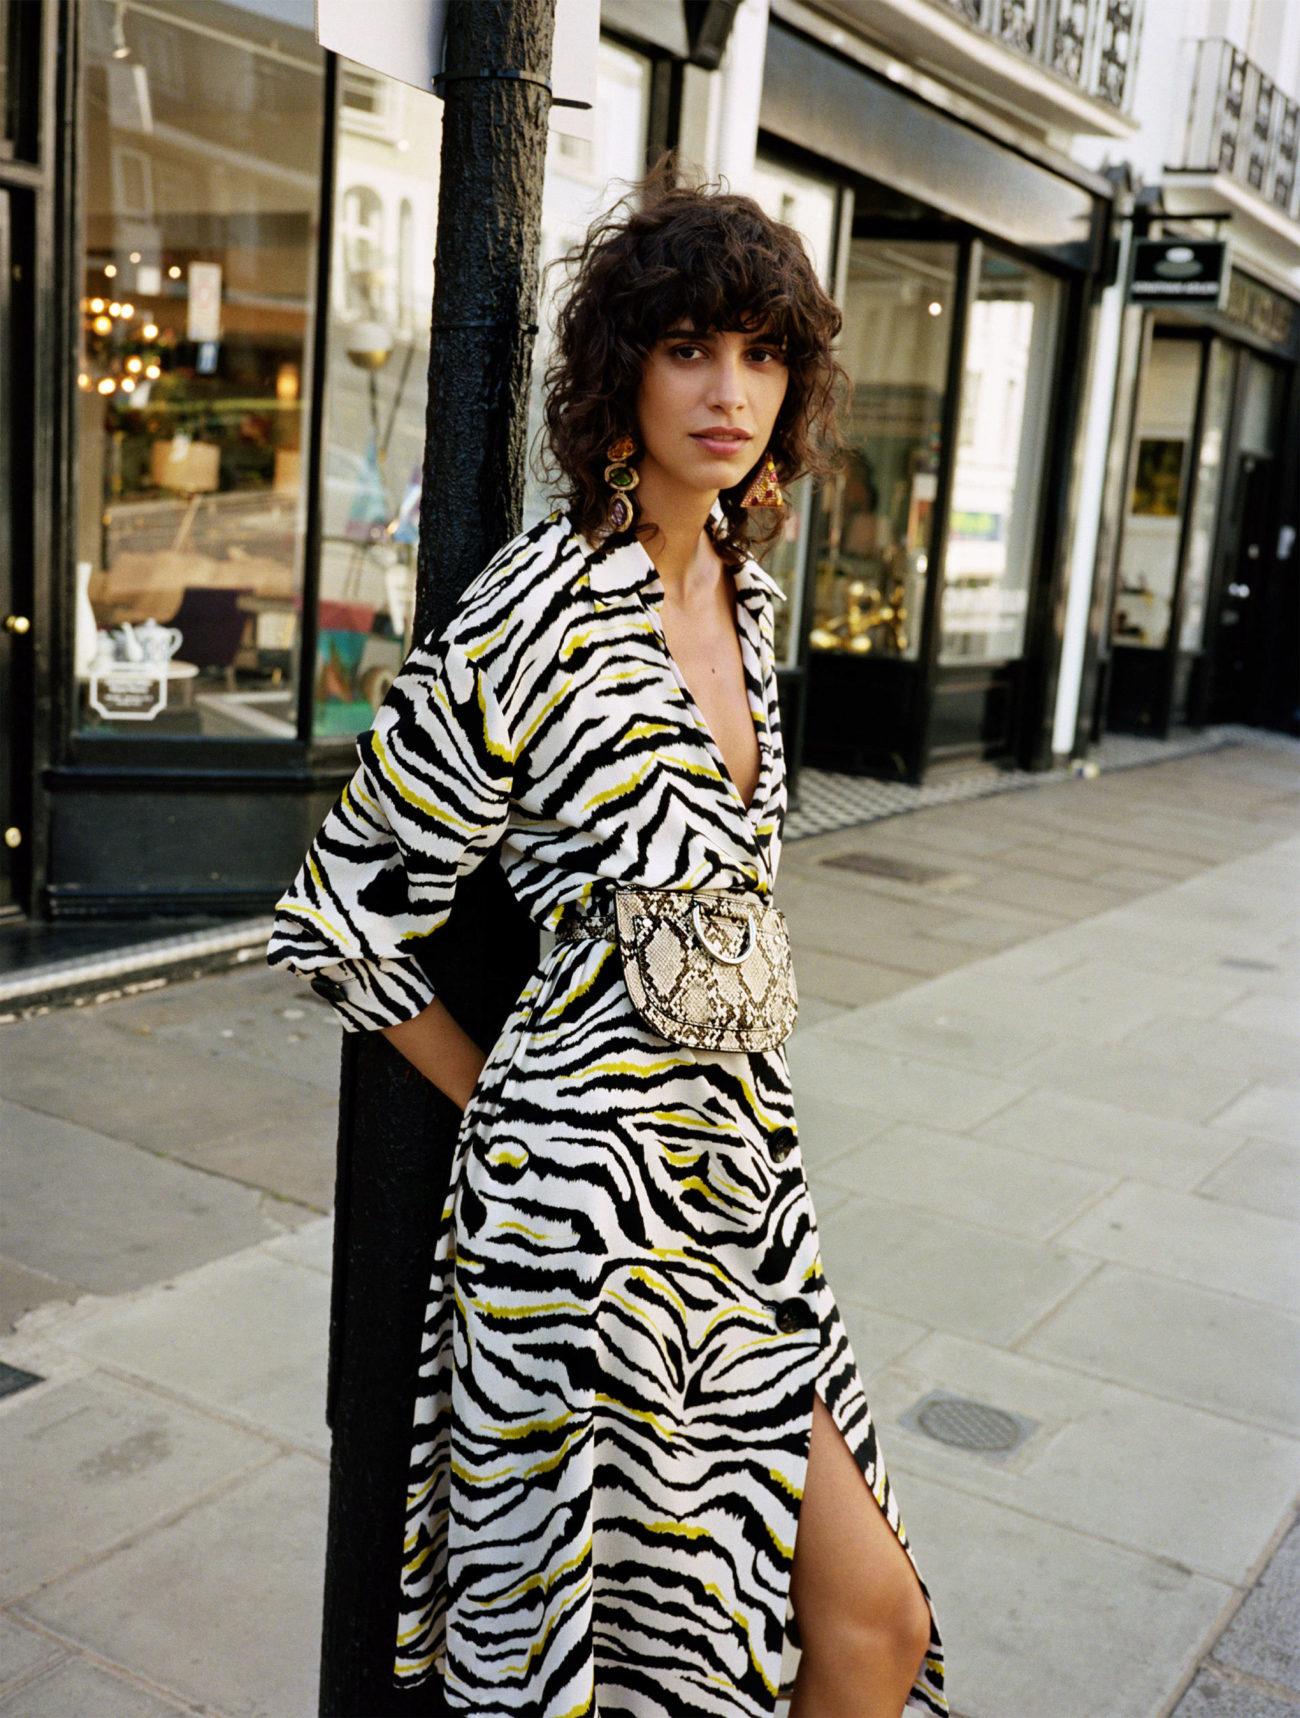 lista nueva ventas calientes reunirse Vestido estampado cebra   Zara nos da los trucos para vestir...